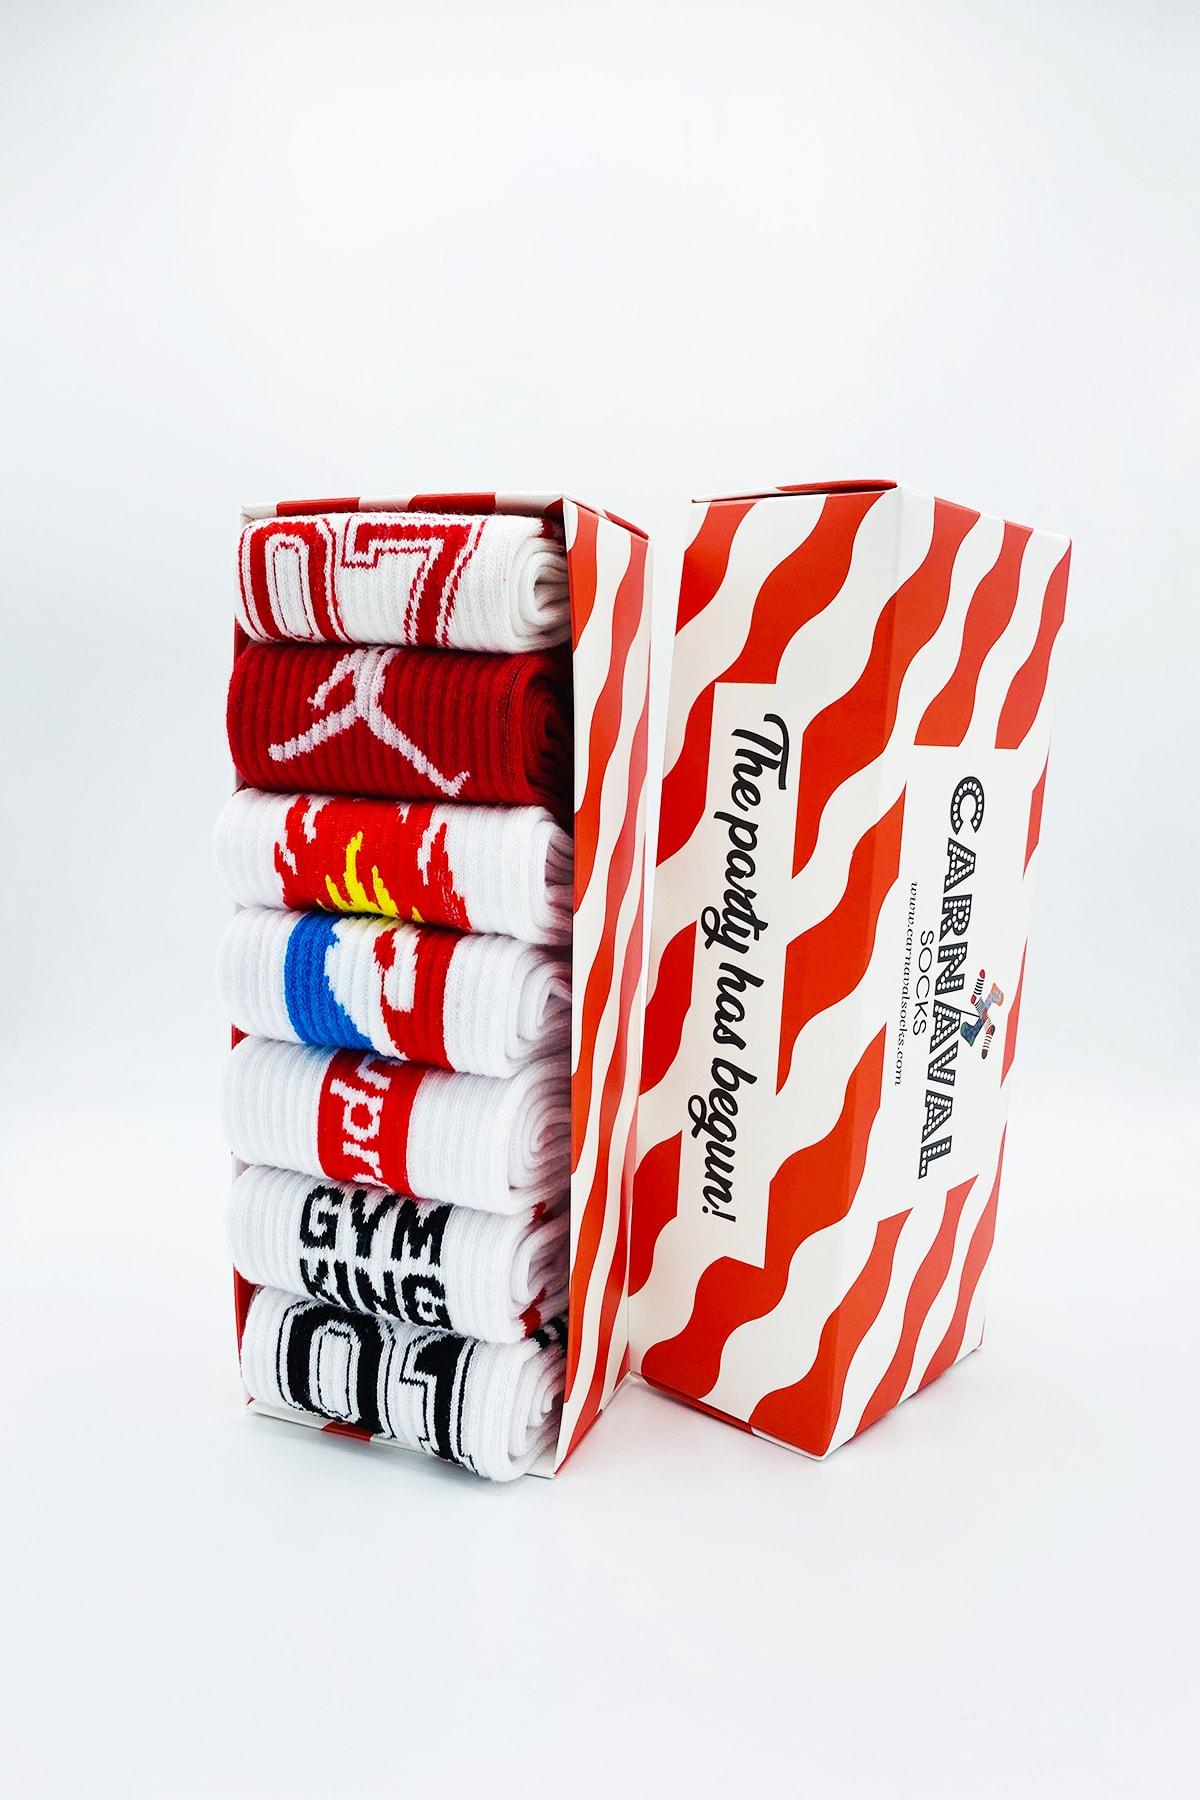 CARNAVAL SOCKS 7'li Gym Spor Desenli Atletik Çorap Set 1045 1